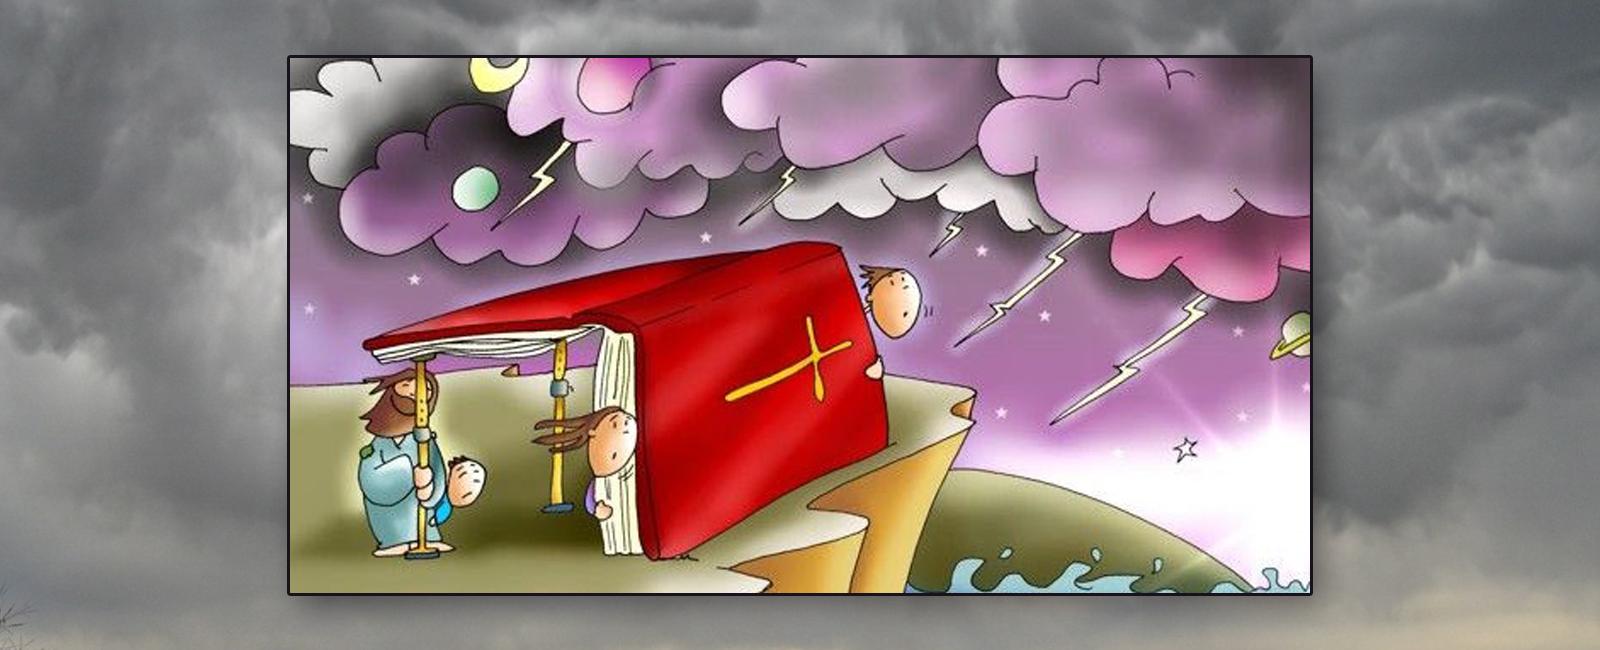 Parroquia El Altet - Evangelio 18 de Noviembre